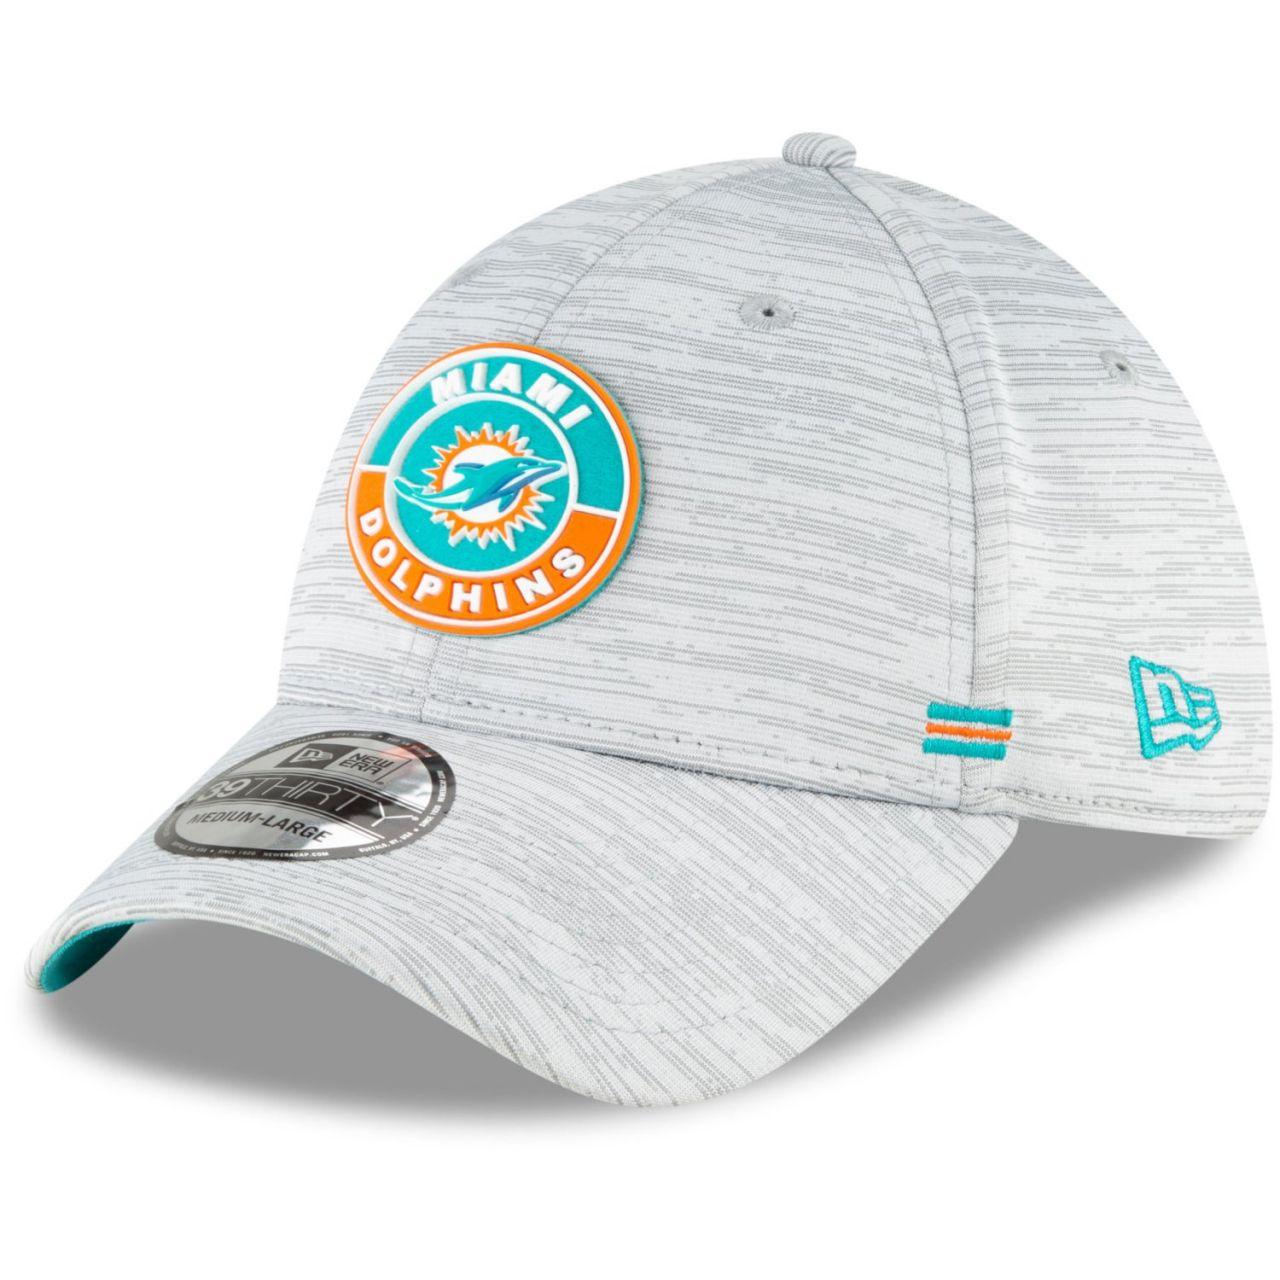 amfoo - New Era 39Thirty Cap - SIDELINE 2020 Miami Dolphins